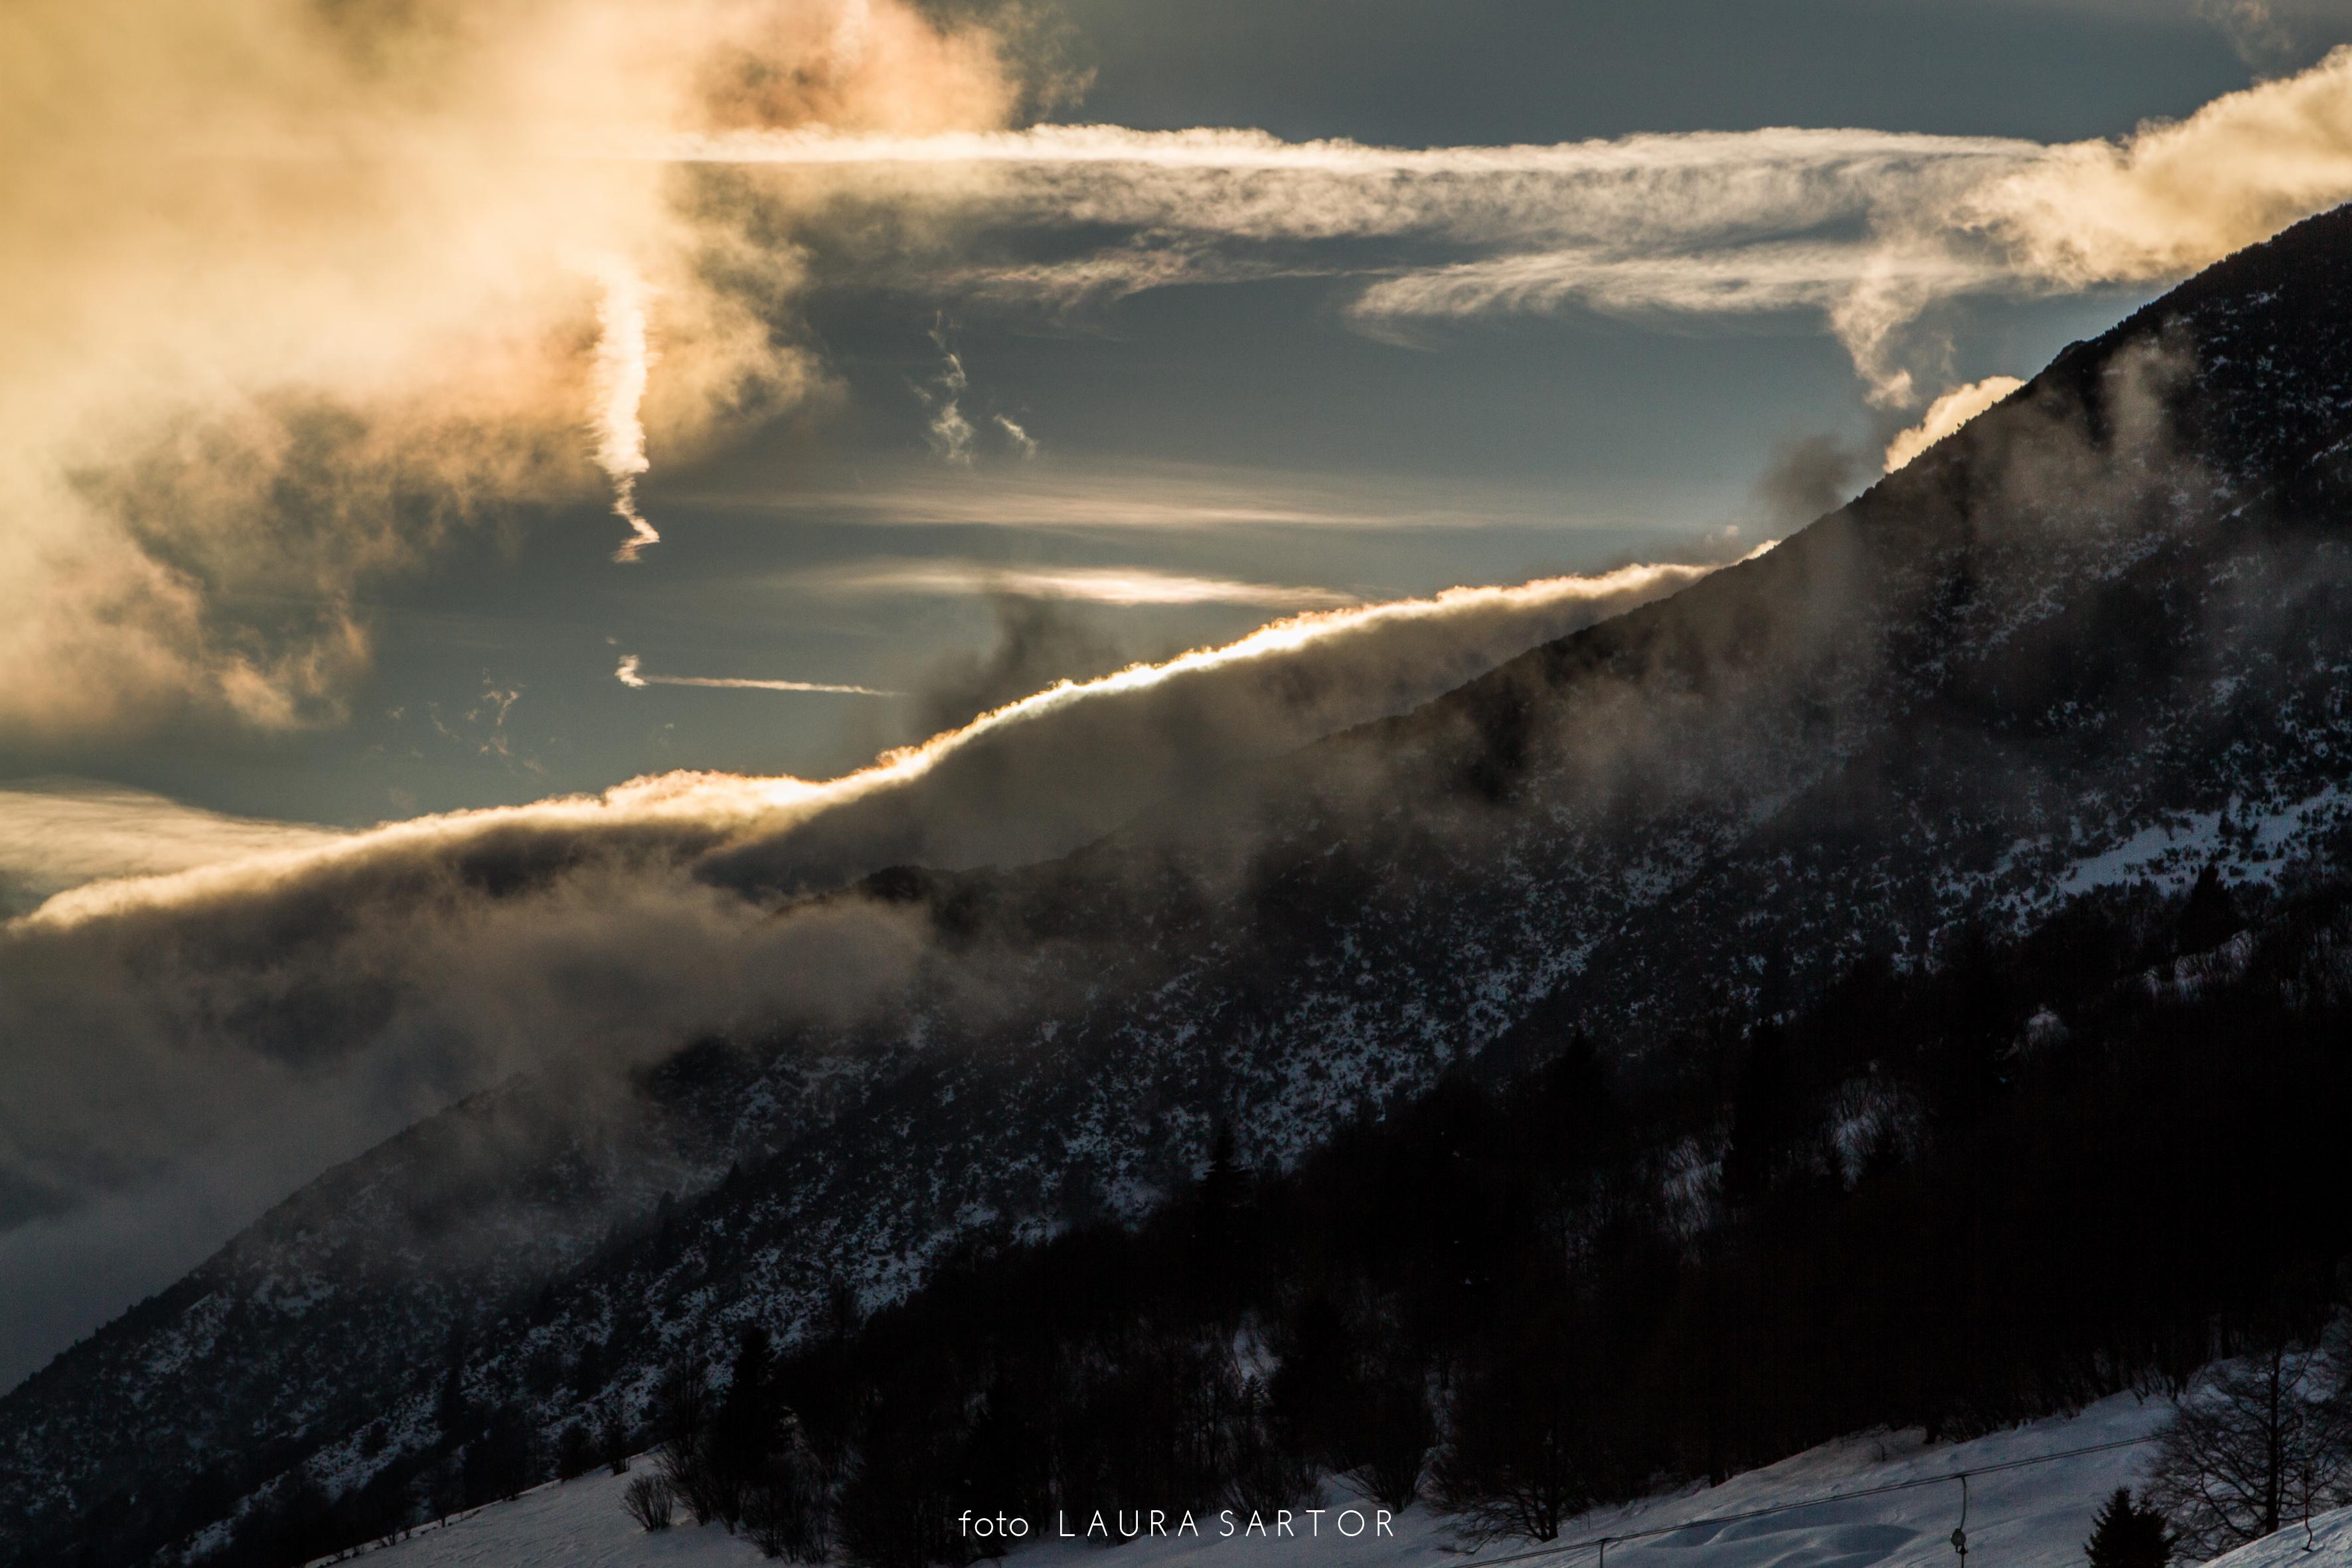 """Dicembre 2017 - La bellissima foto di Laura Sartor è stata scattata il 31 dicembre, quando le correnti in quota si sono orientate da sud-ovest e hanno cominiciato a trasportare aria più umida verso le Alpi., specialmente nella bassa atmosfera. A ridosso del Monte Baldo si è cosi formato uno strato nuvoloso, per alcuni noto come """"El Cavalon"""", mentre l'arrivo di aria via via più umida anche in quota produceva i primi cirri."""